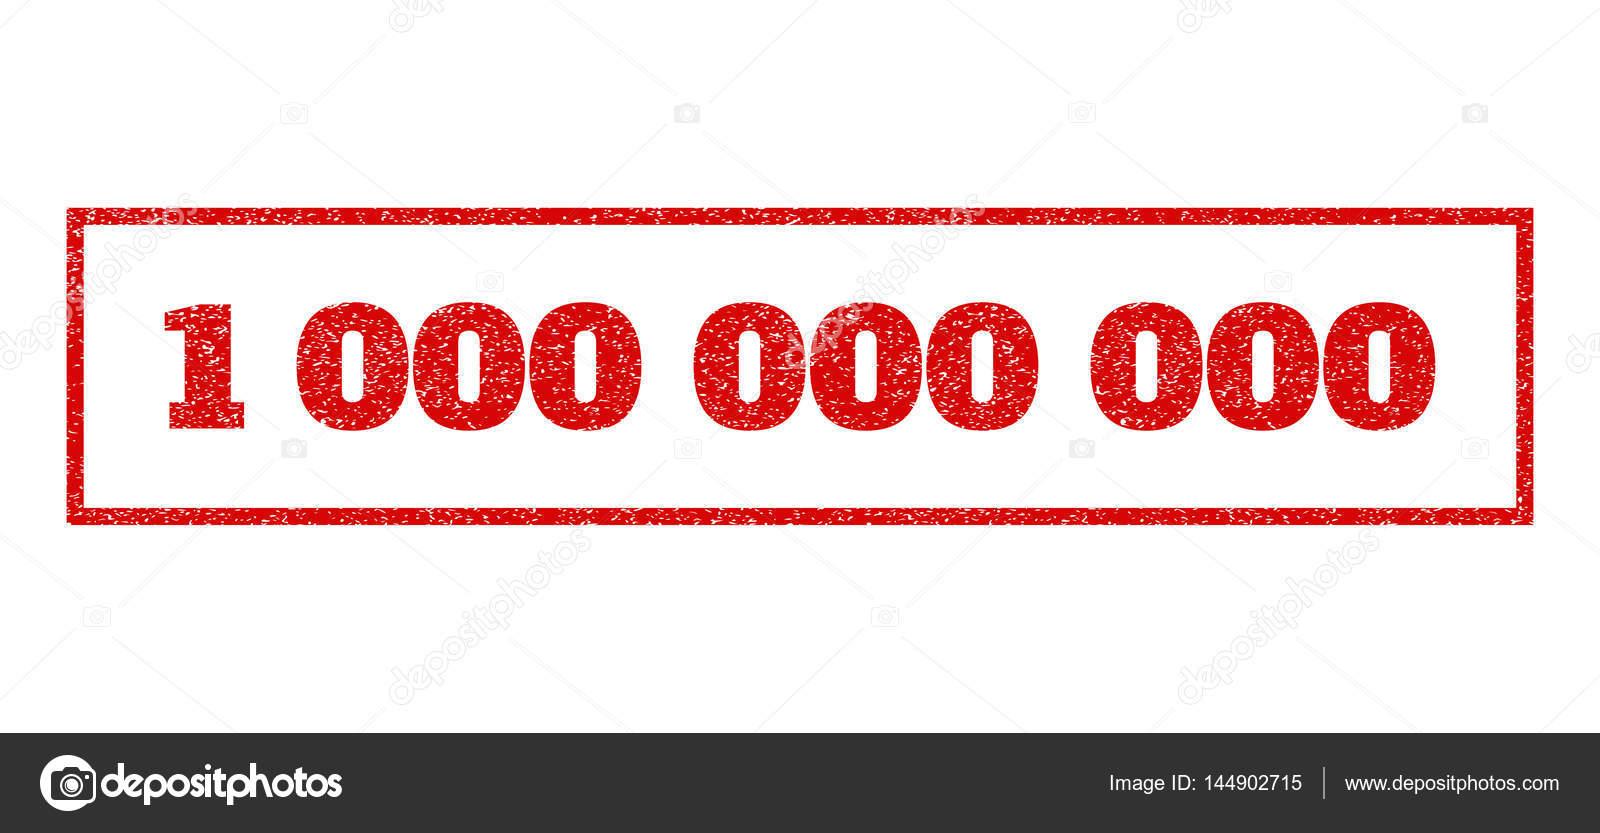 红色的橡皮印章加盖 1 000 文本.矢量标记内矩形横幅.